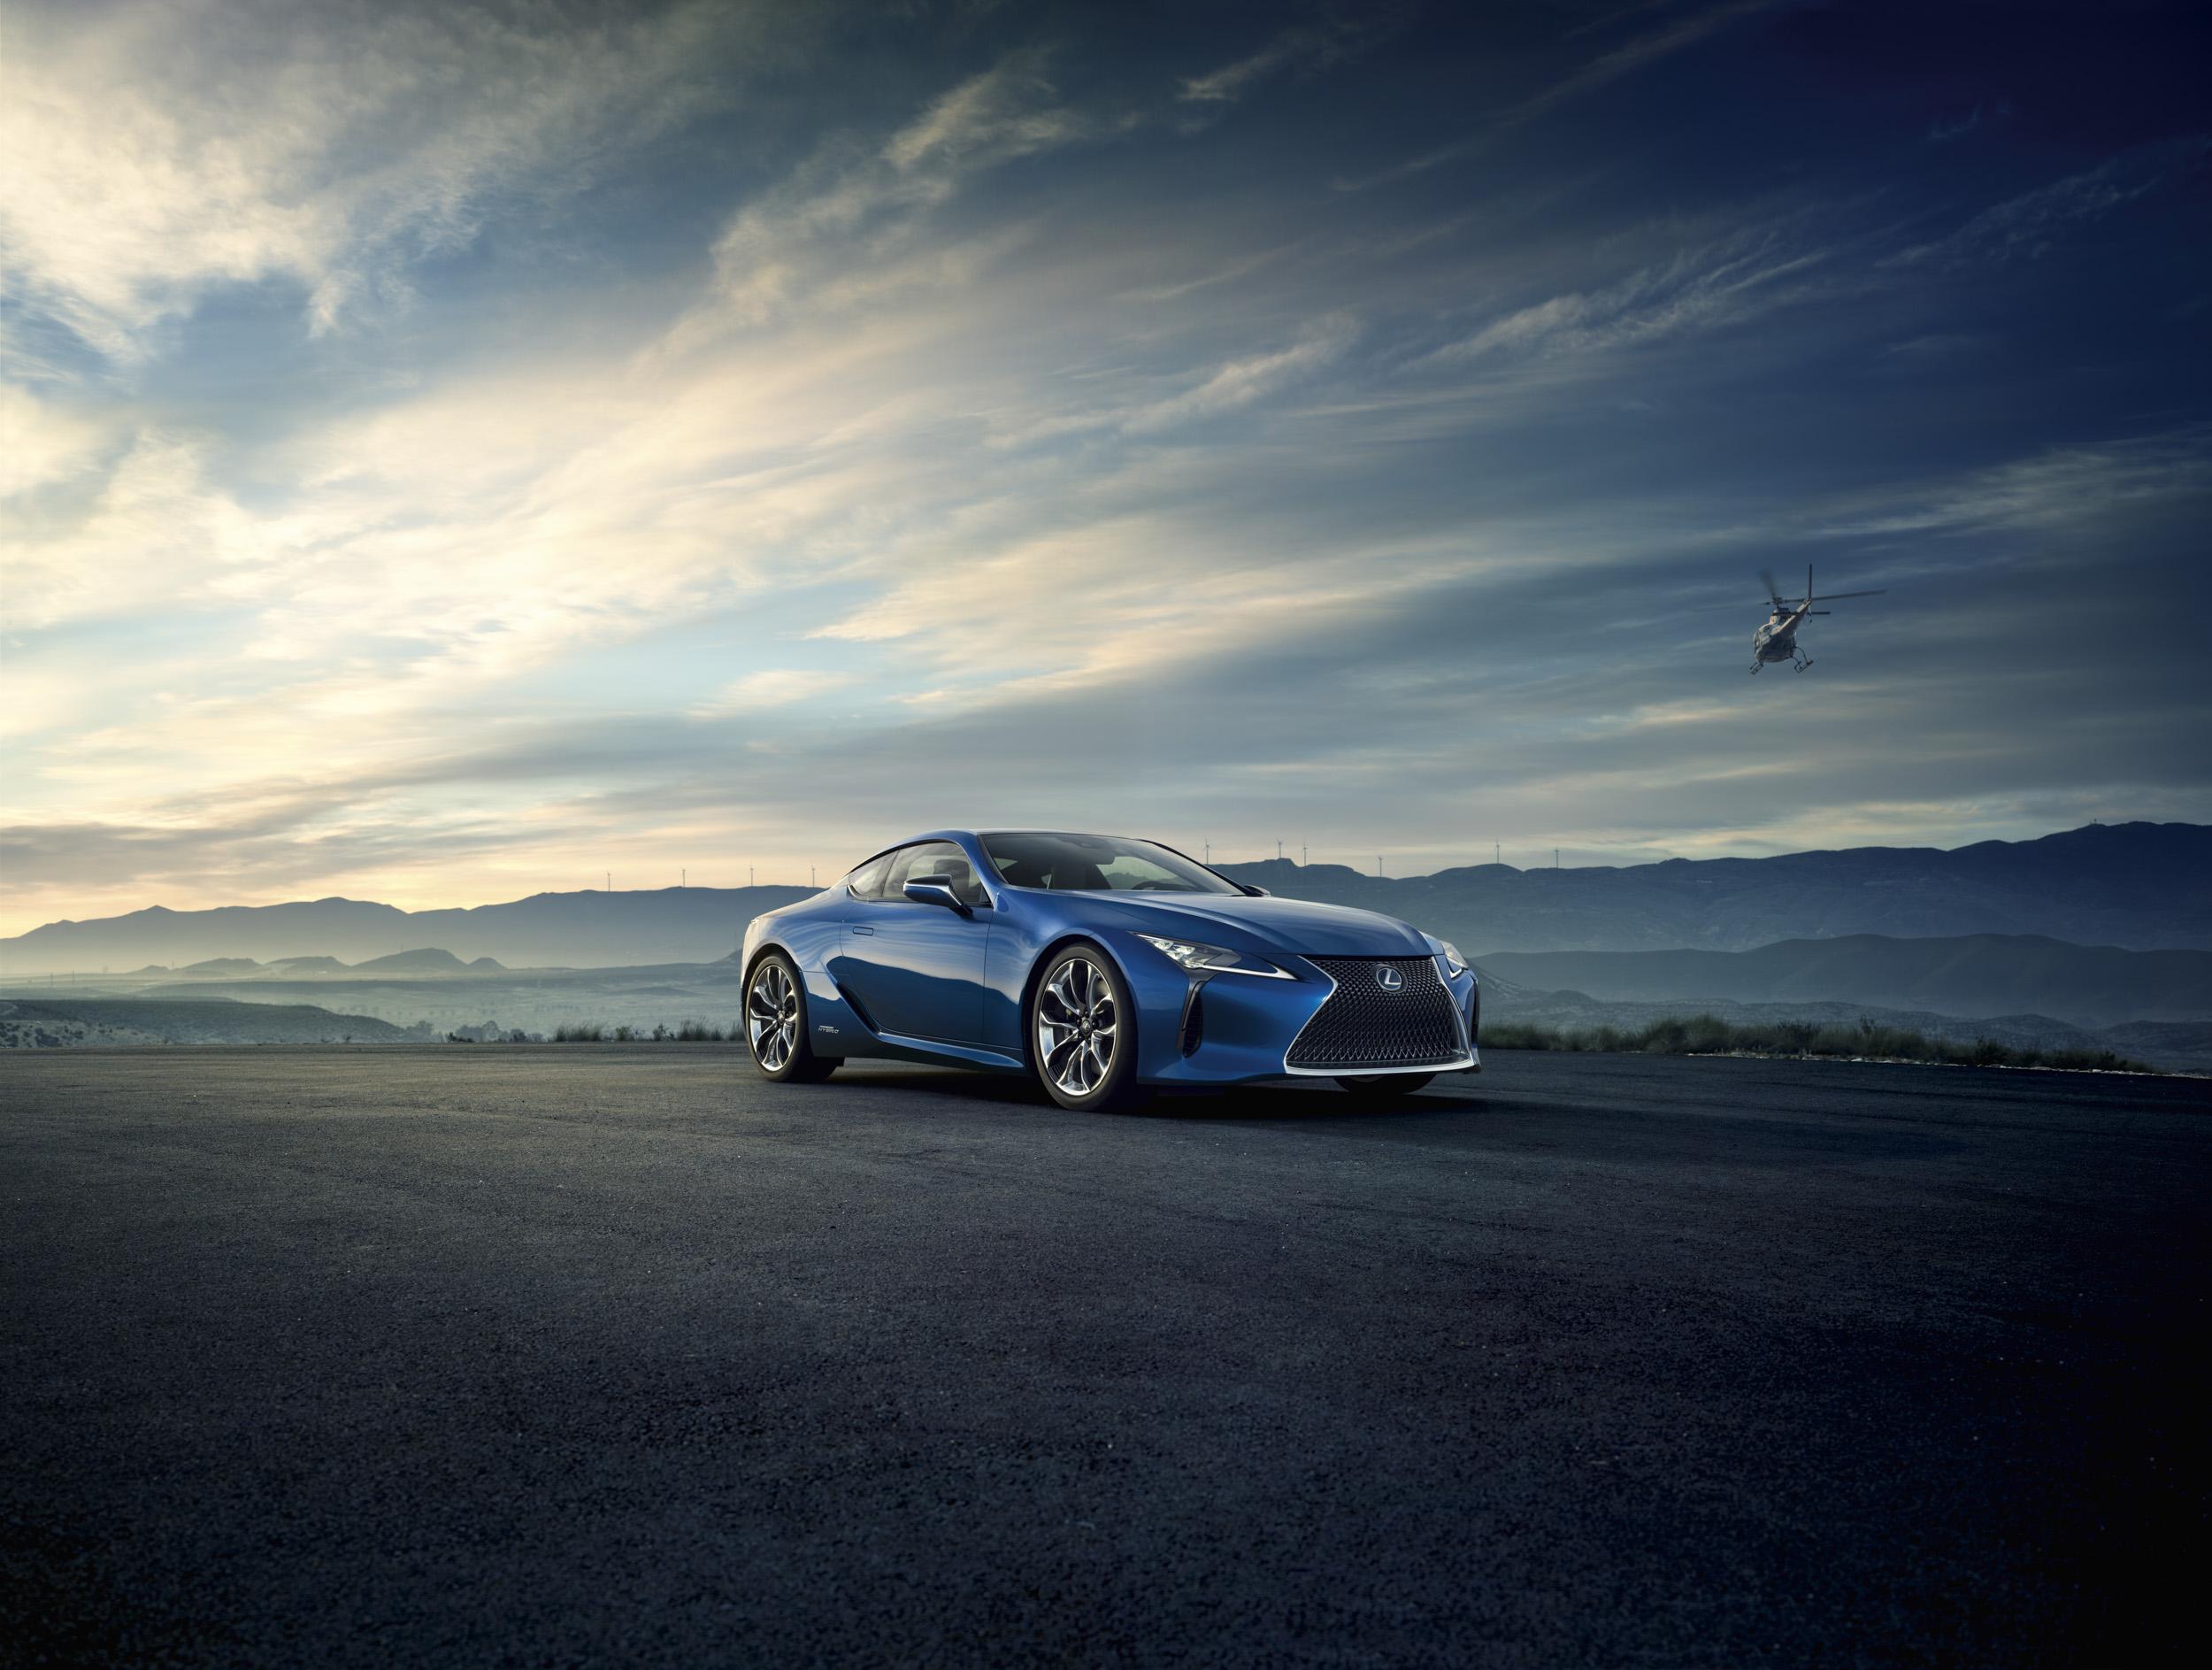 Krijgt hij 500 pk, deze Lexus LC 500h? Foto: Lexus